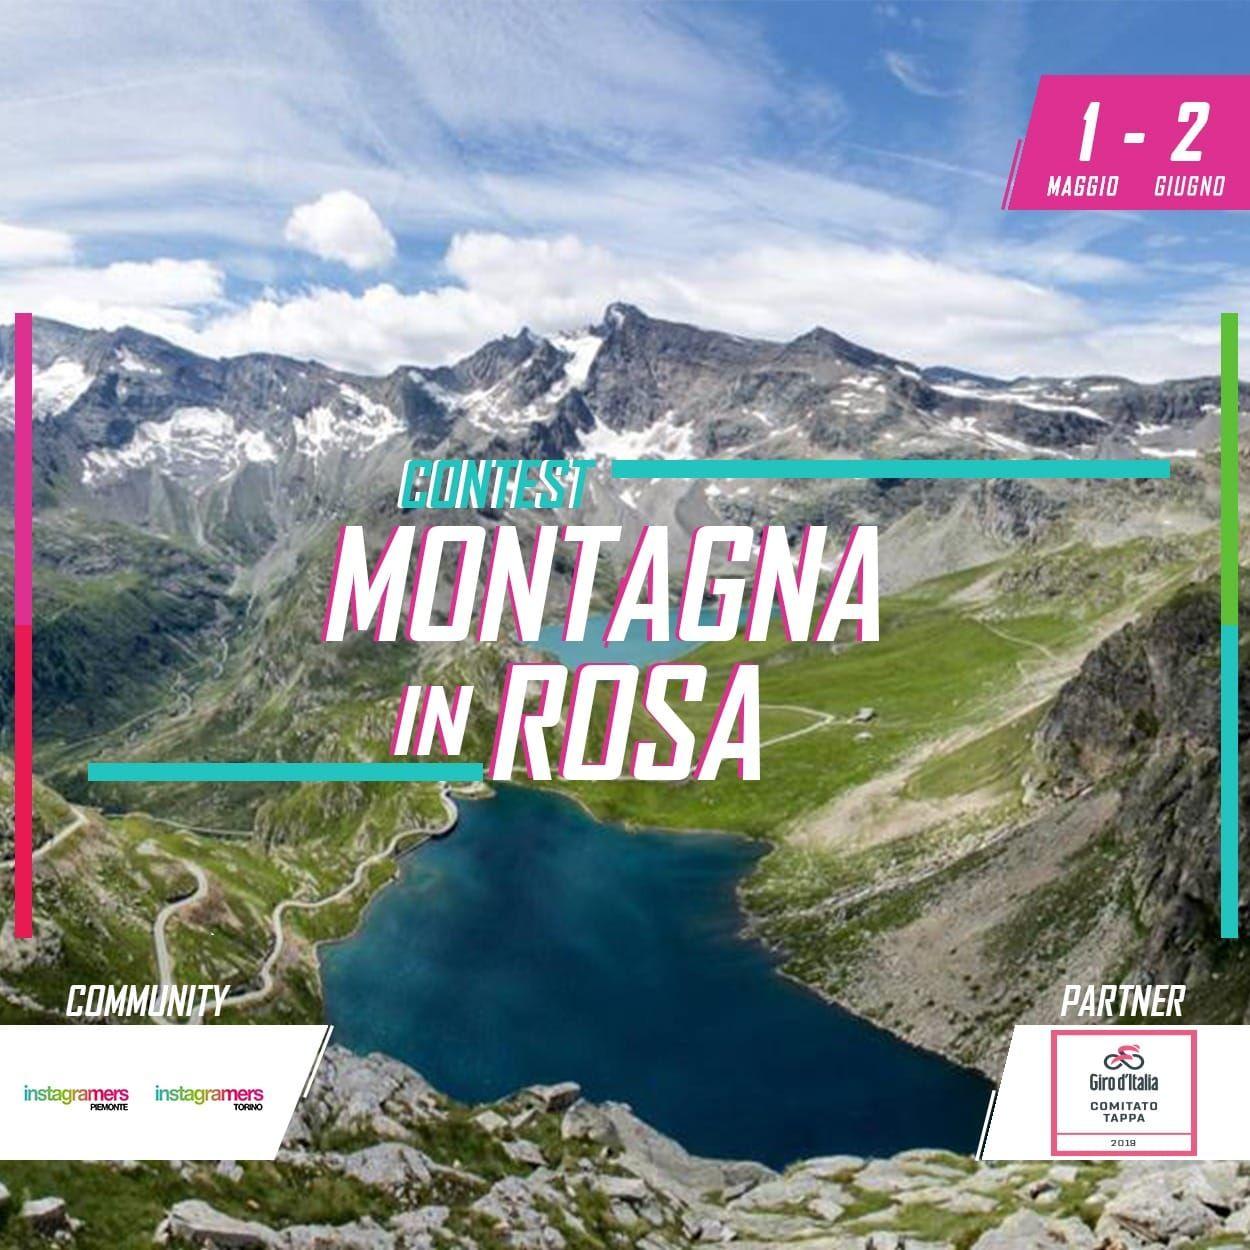 CANAVESE - Parte il contest fotografico #montagnainrosa per raccontare il Giro d'Italia